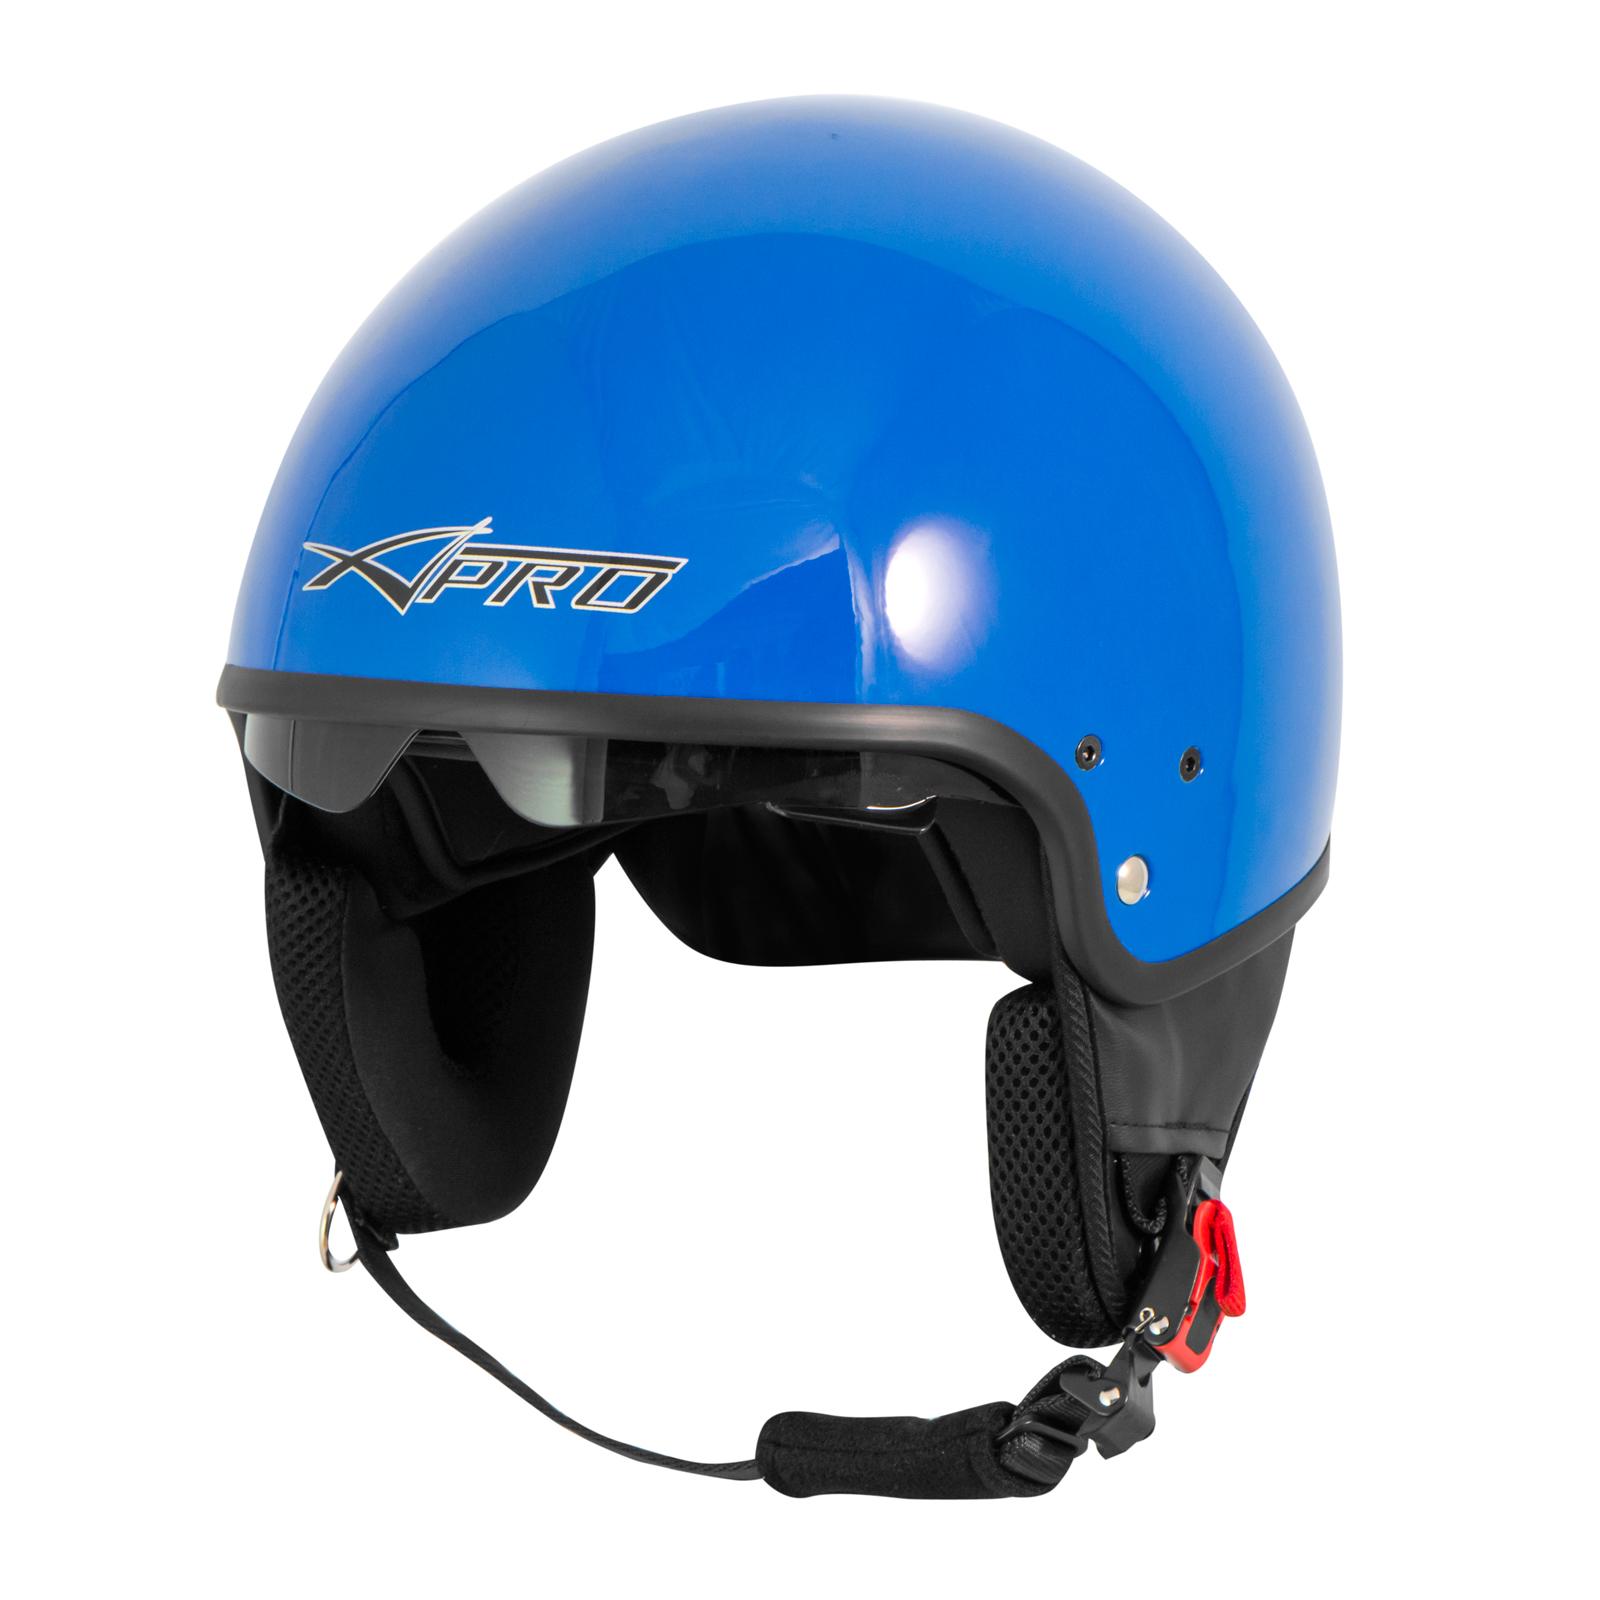 Casque-Moto-Scooter-Vespa-Jet-Visiere-pare-soleil-ECE-22-Blanc-SonicMoto miniature 12